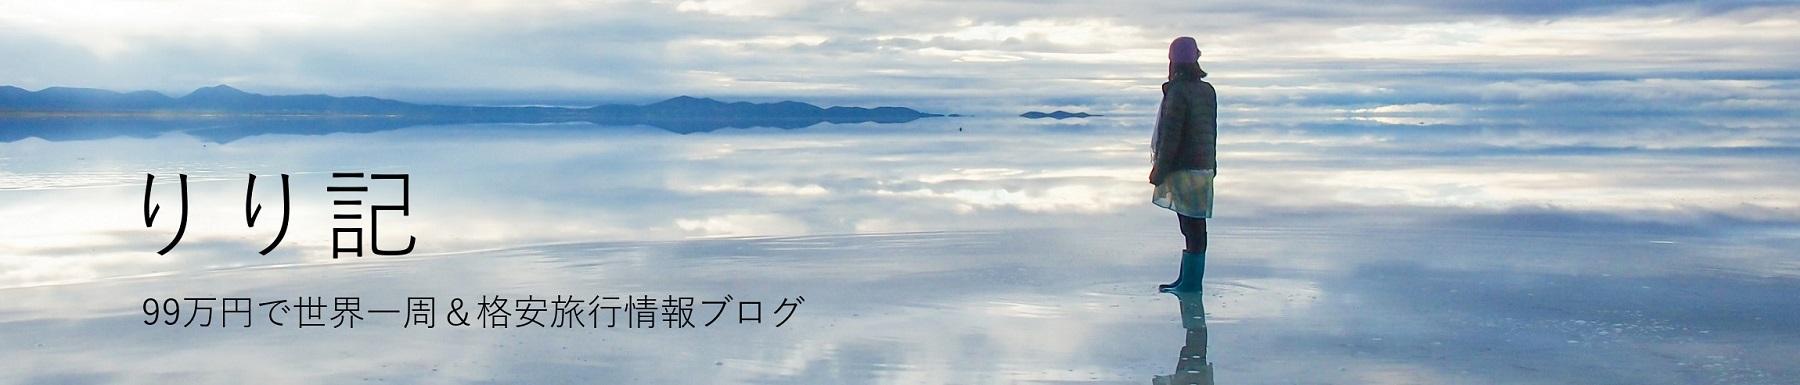 旅行記ブログ:りり記